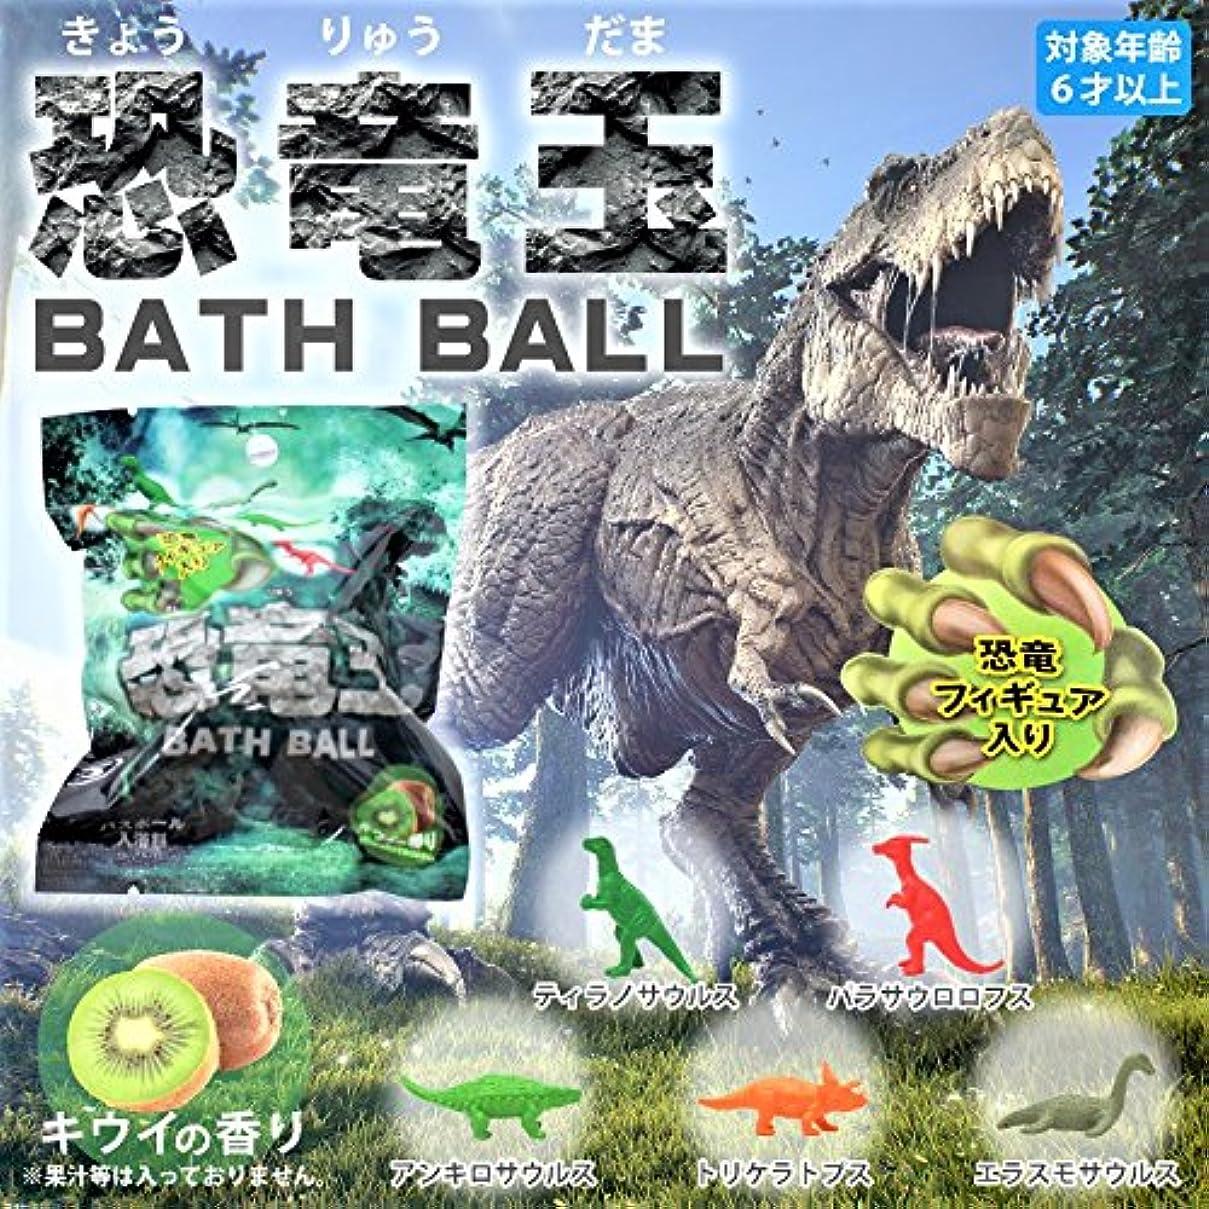 付き添い人カートンマークされた恐竜玉バスボール 6個1セット キウイの香り 恐竜フィギュア入りバスボール 入浴剤